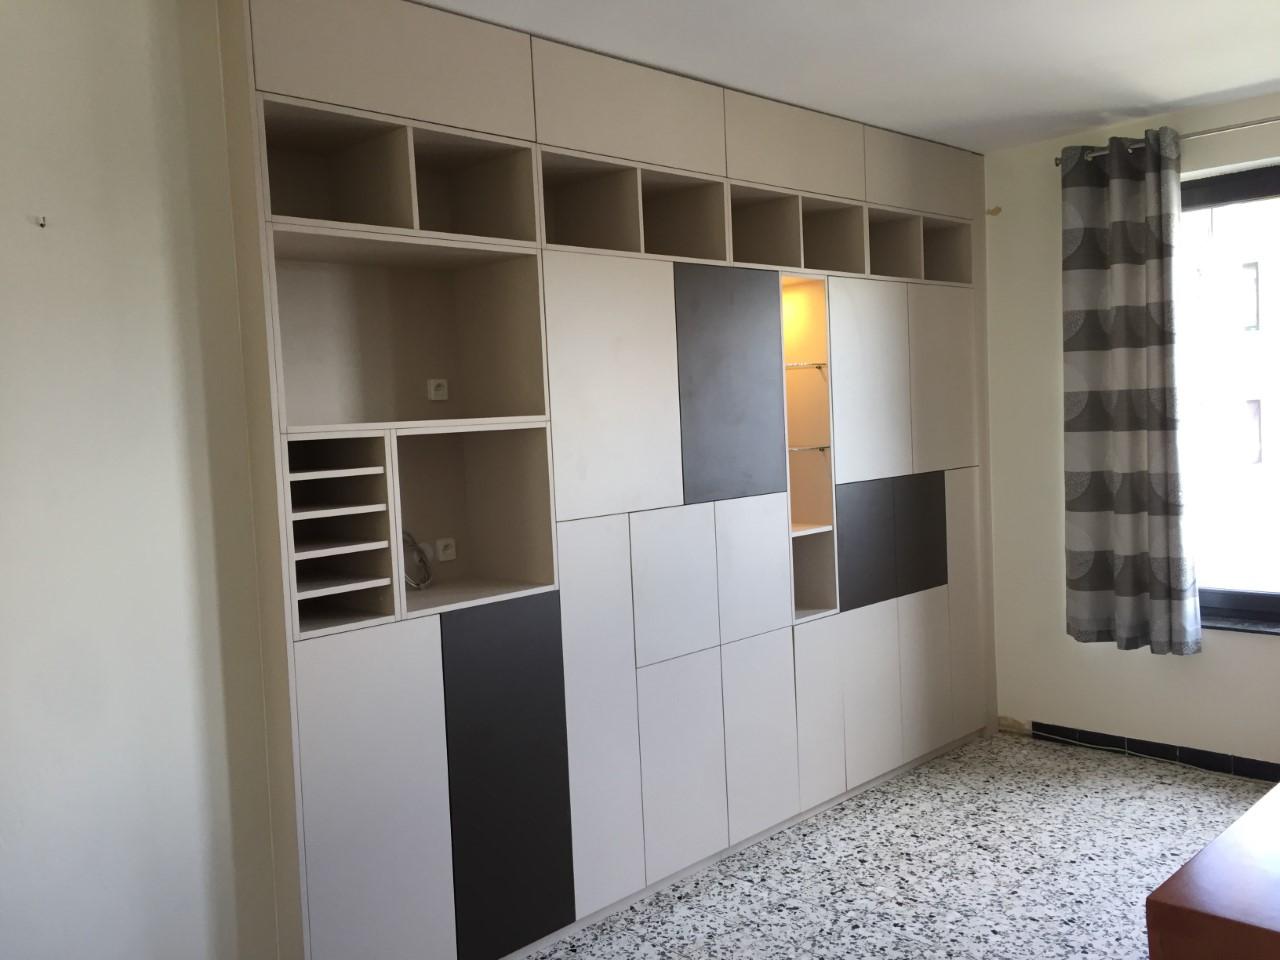 Meuble Sur Mesure Salon mobilier sur mesure - intérieur leblicq